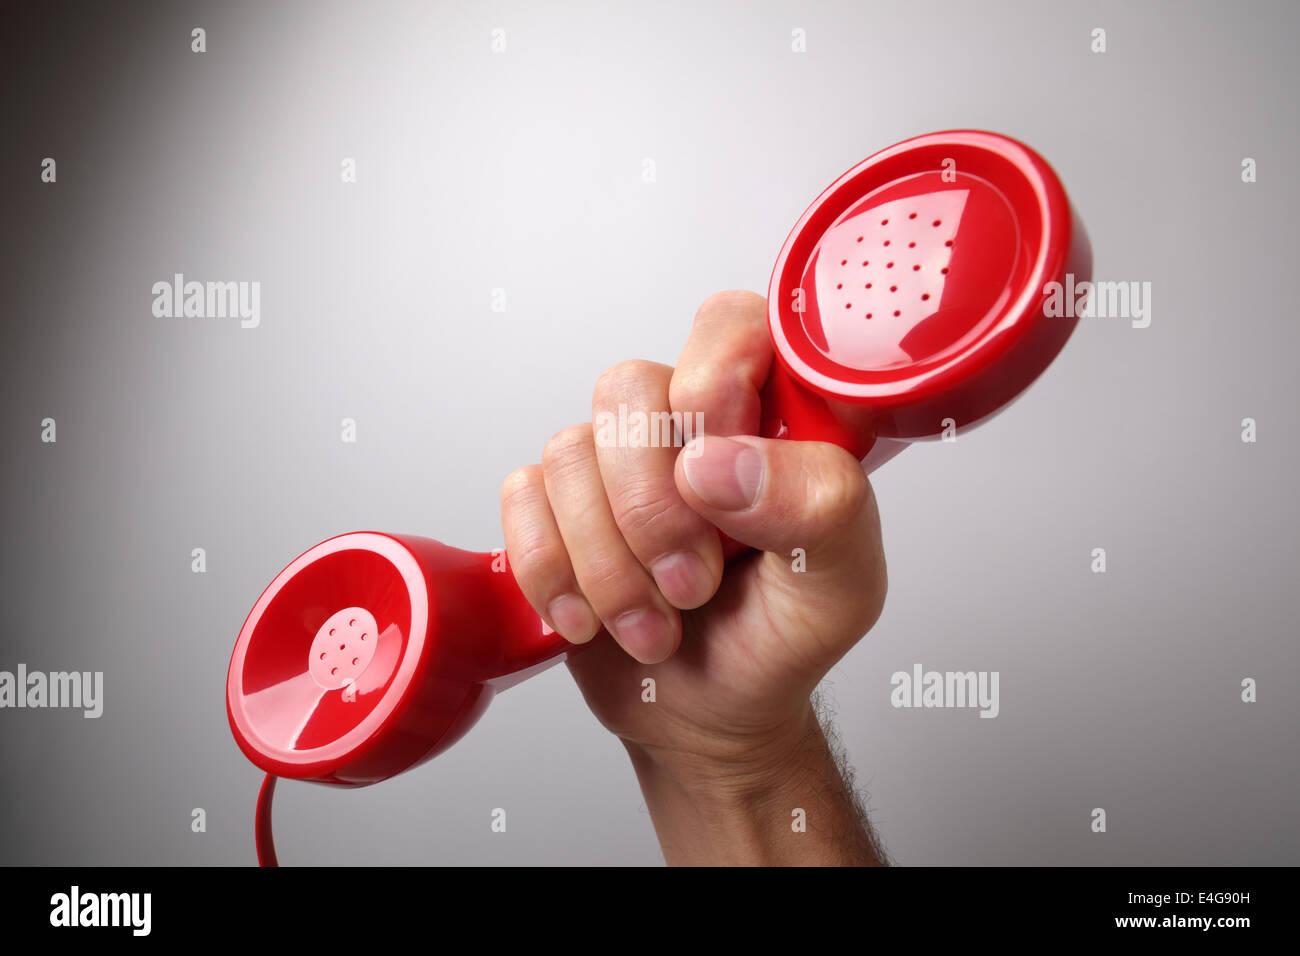 Receptor del teléfono rojo Imagen De Stock